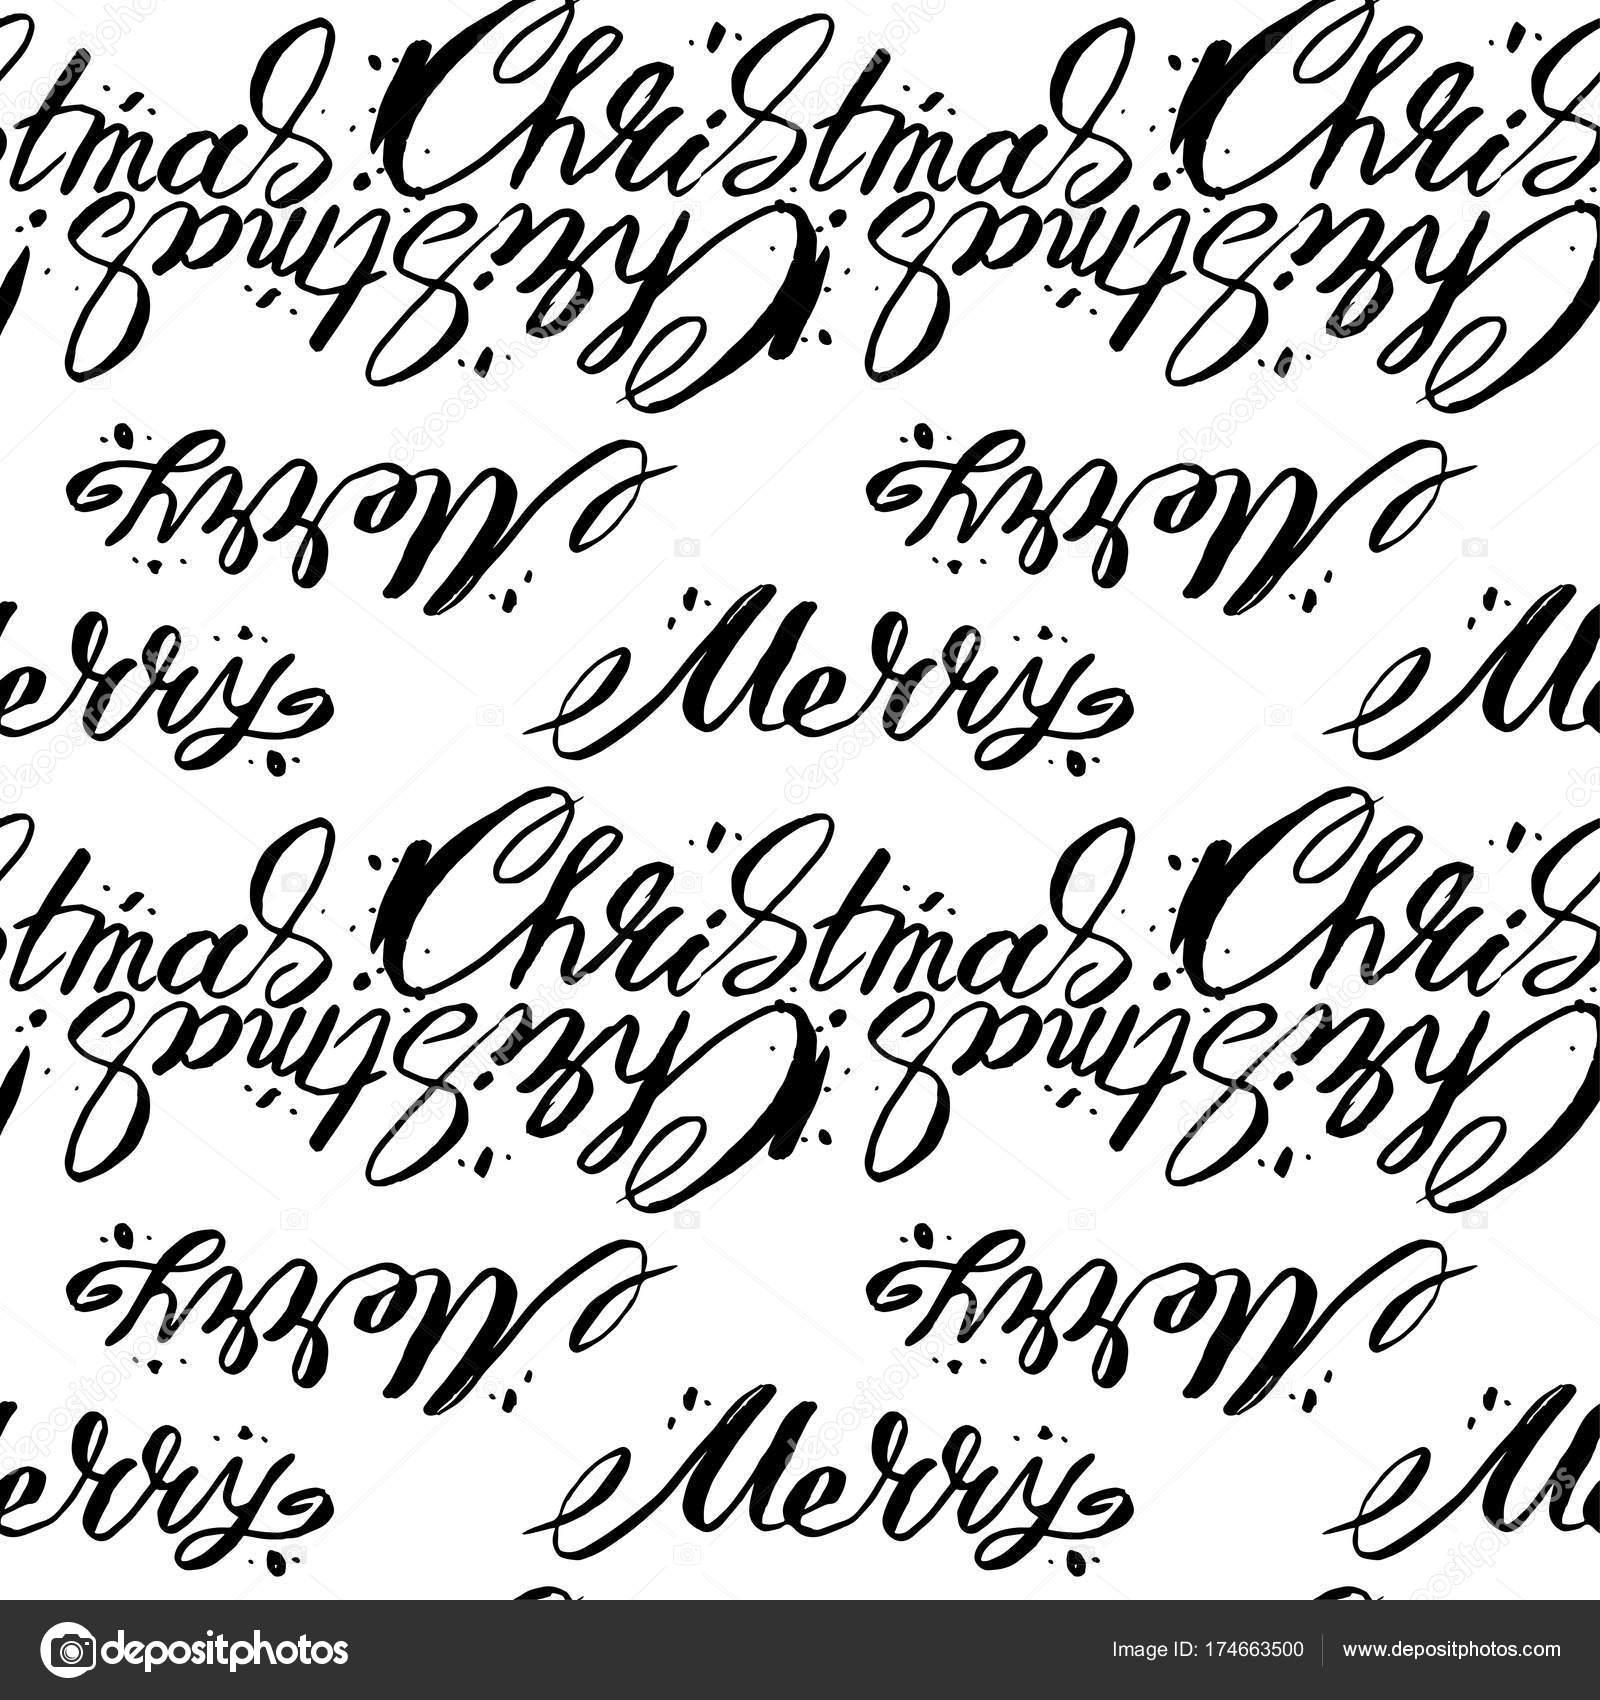 Vektor Weihnachten Worte Musterdesign. Frohe Weihnachten Text vektor ...